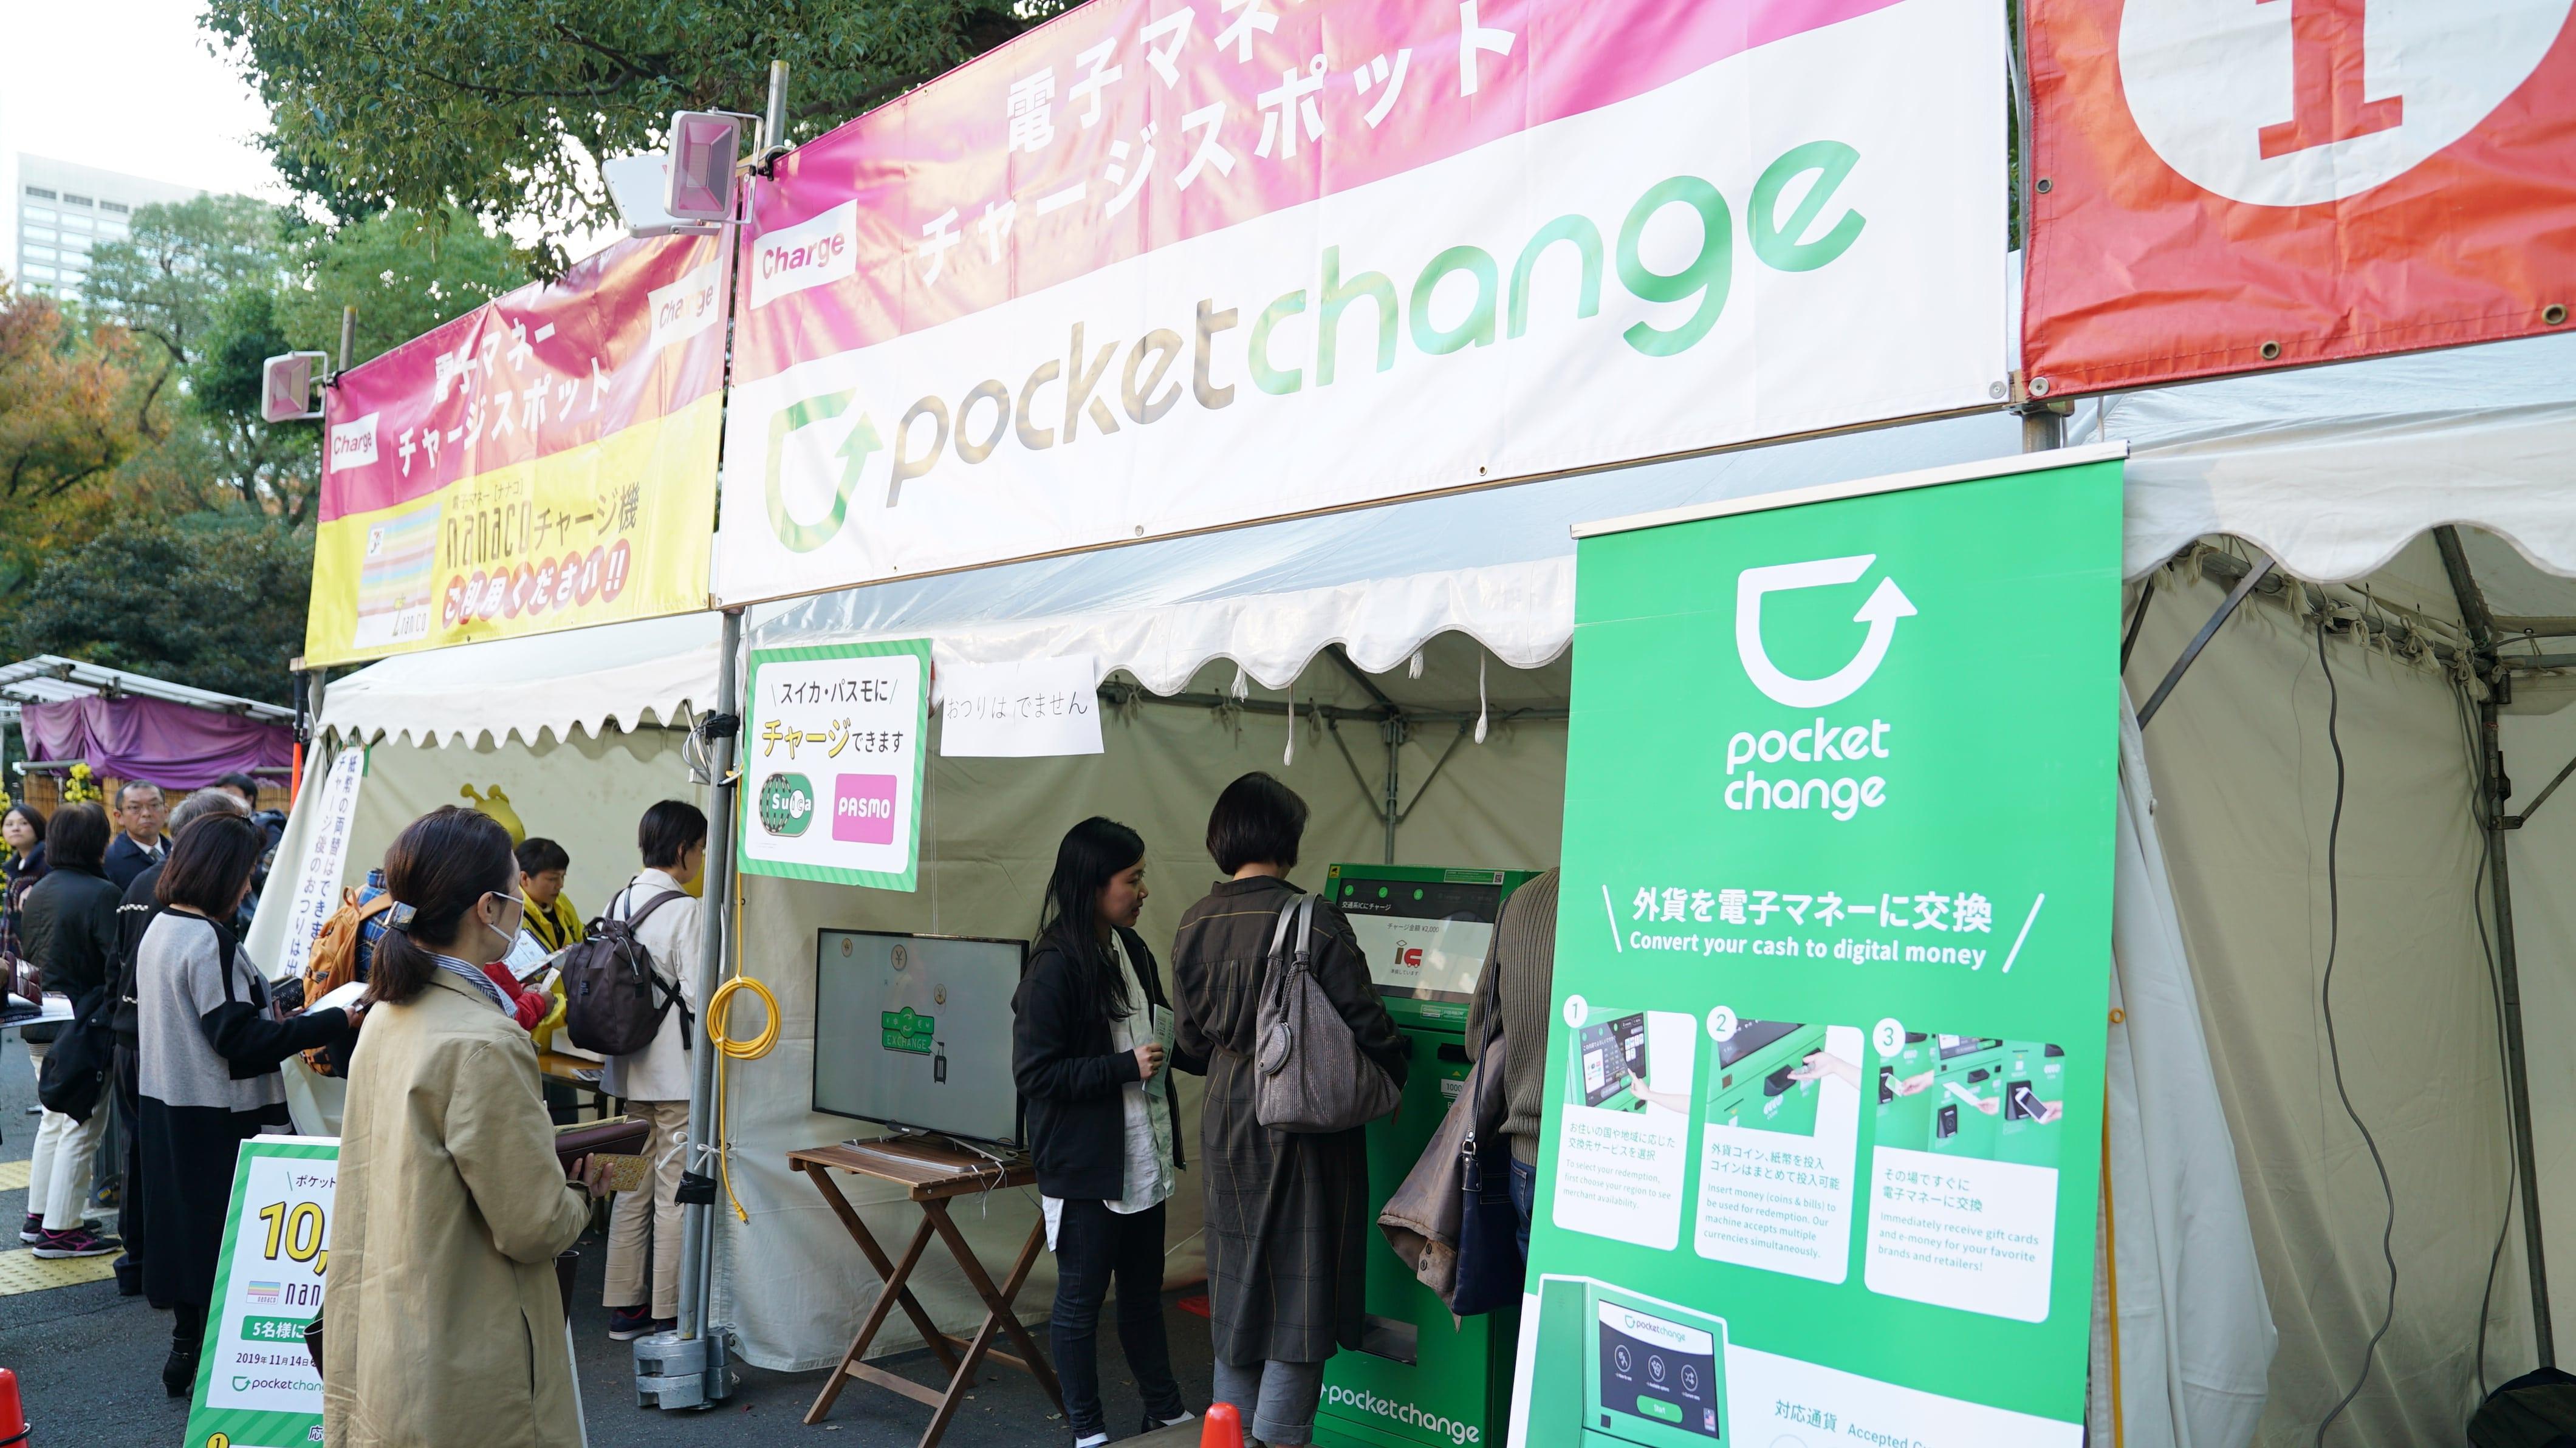 【さかな祭りin日比谷公園】海外旅行で余ったコインがマグロやウニに?!新しい外貨の使い方!